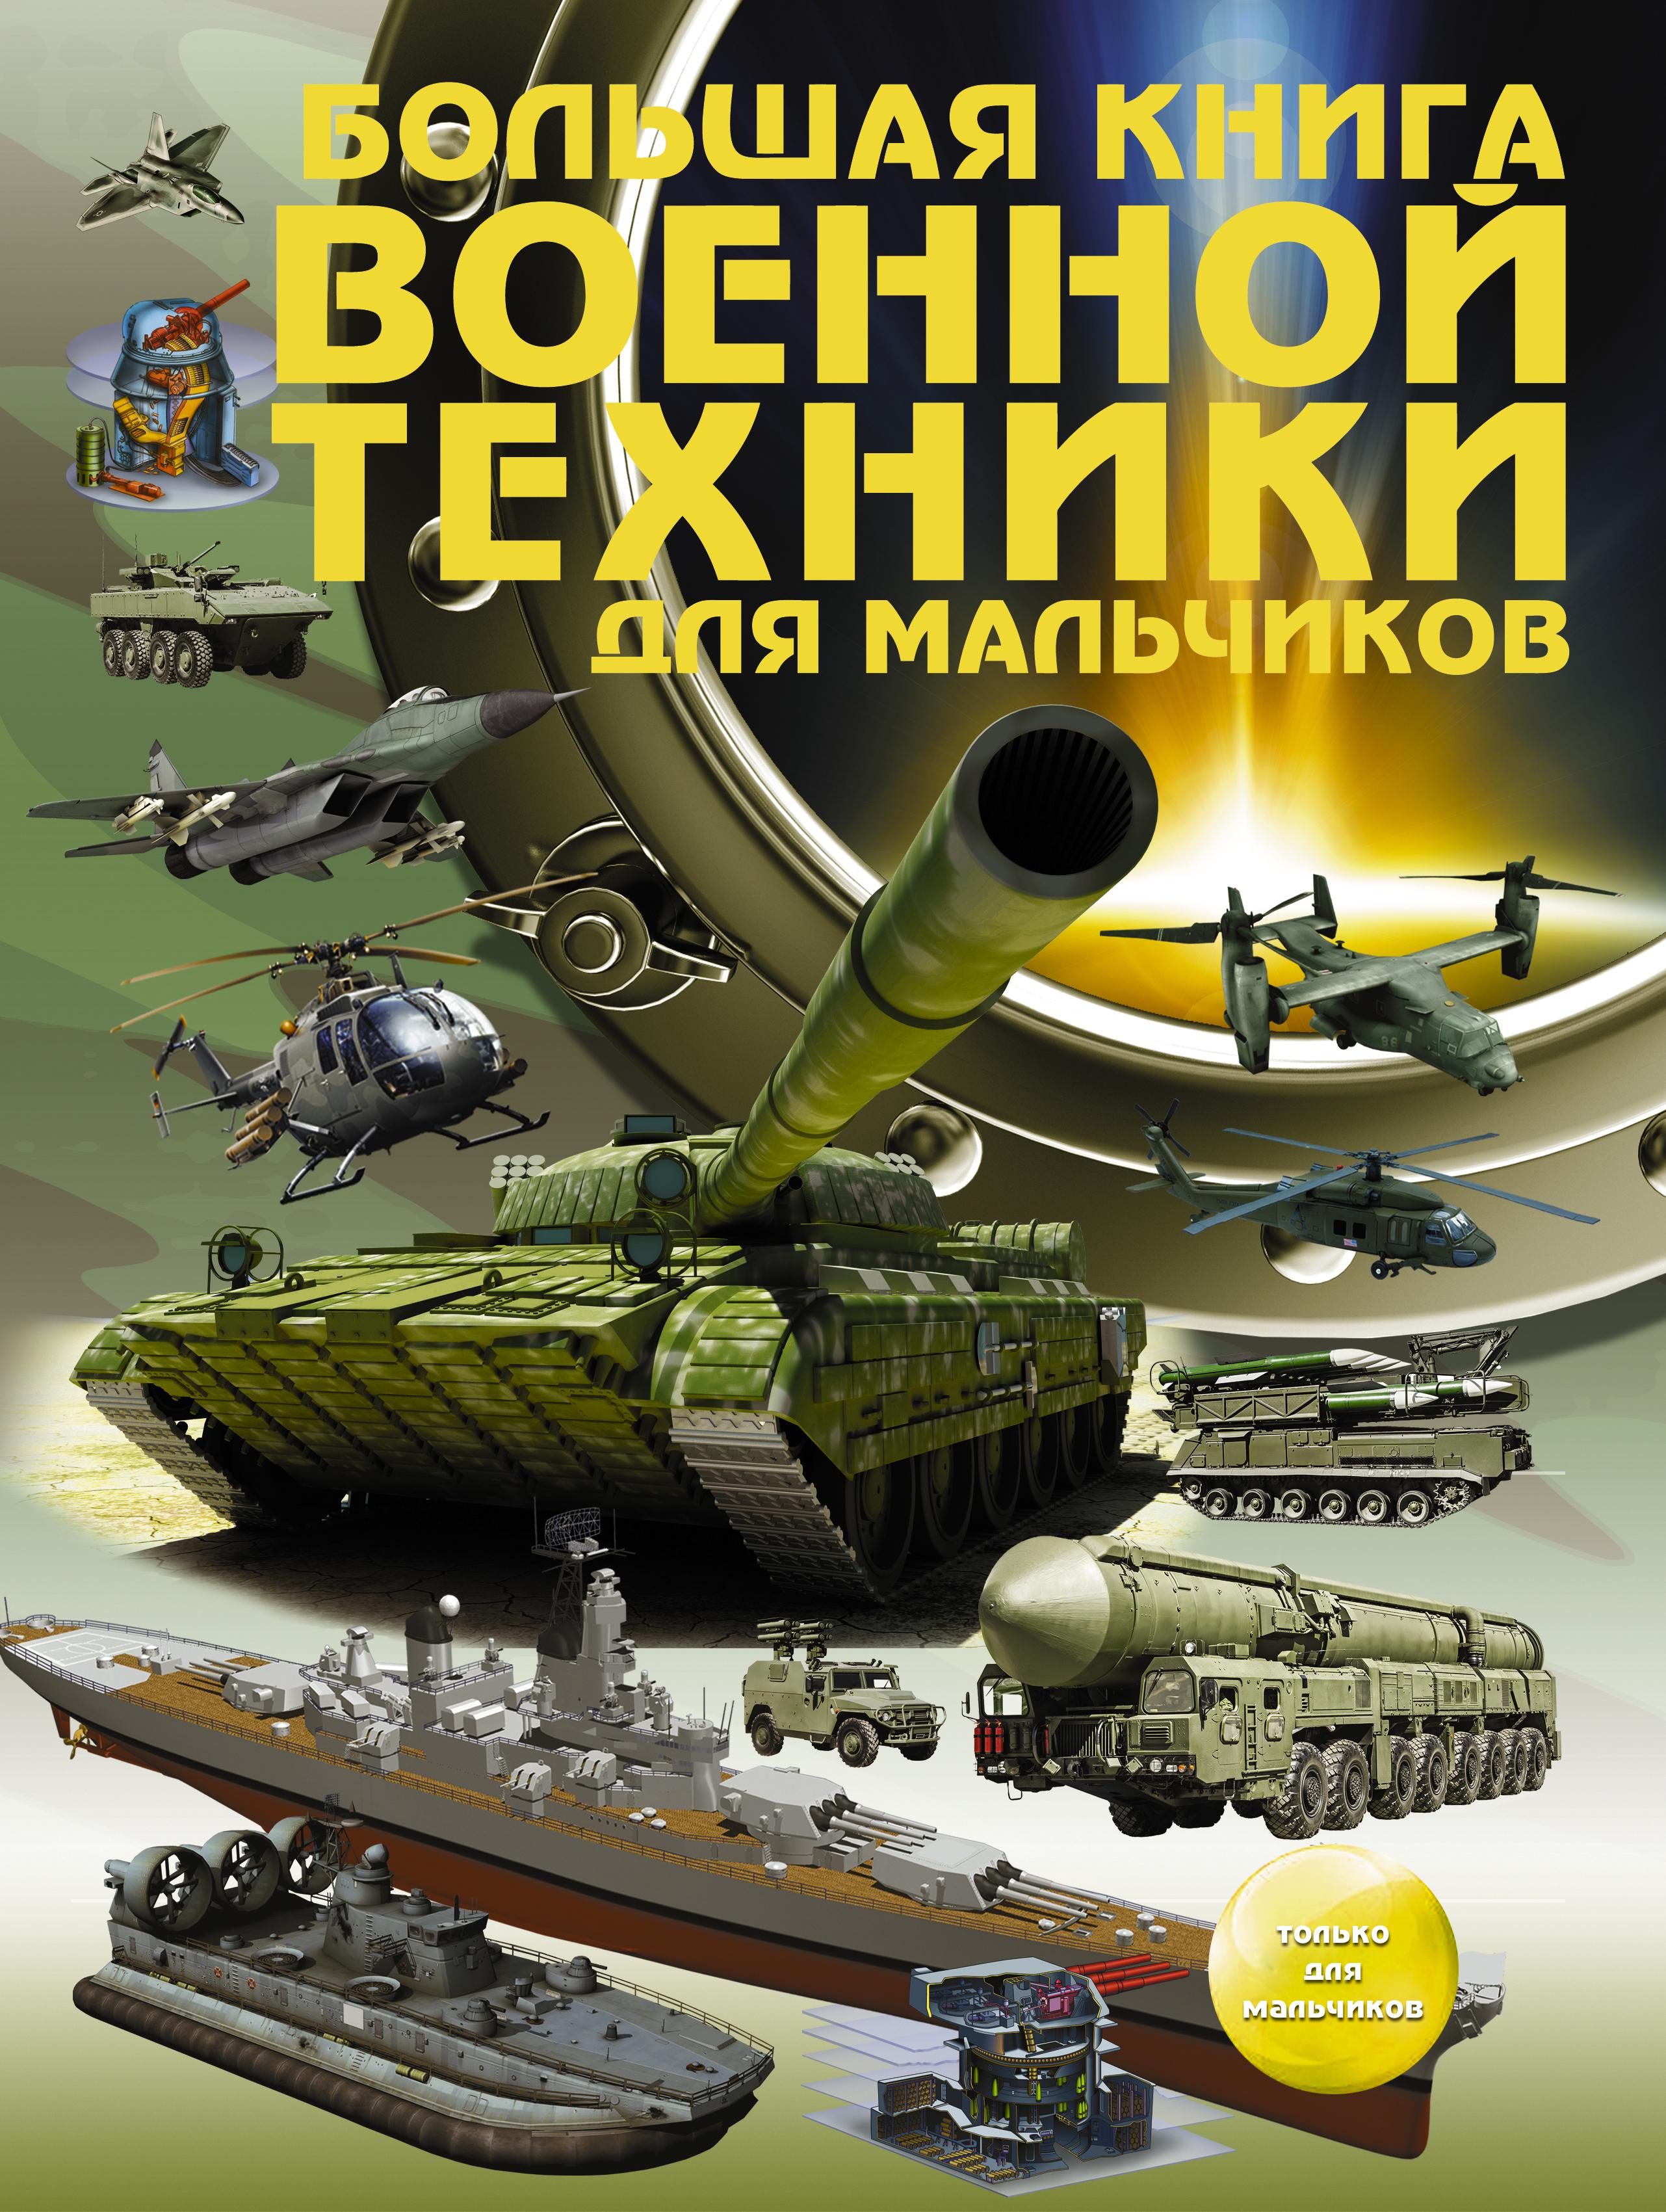 Большая книга Военной техники для Мальчиков фото